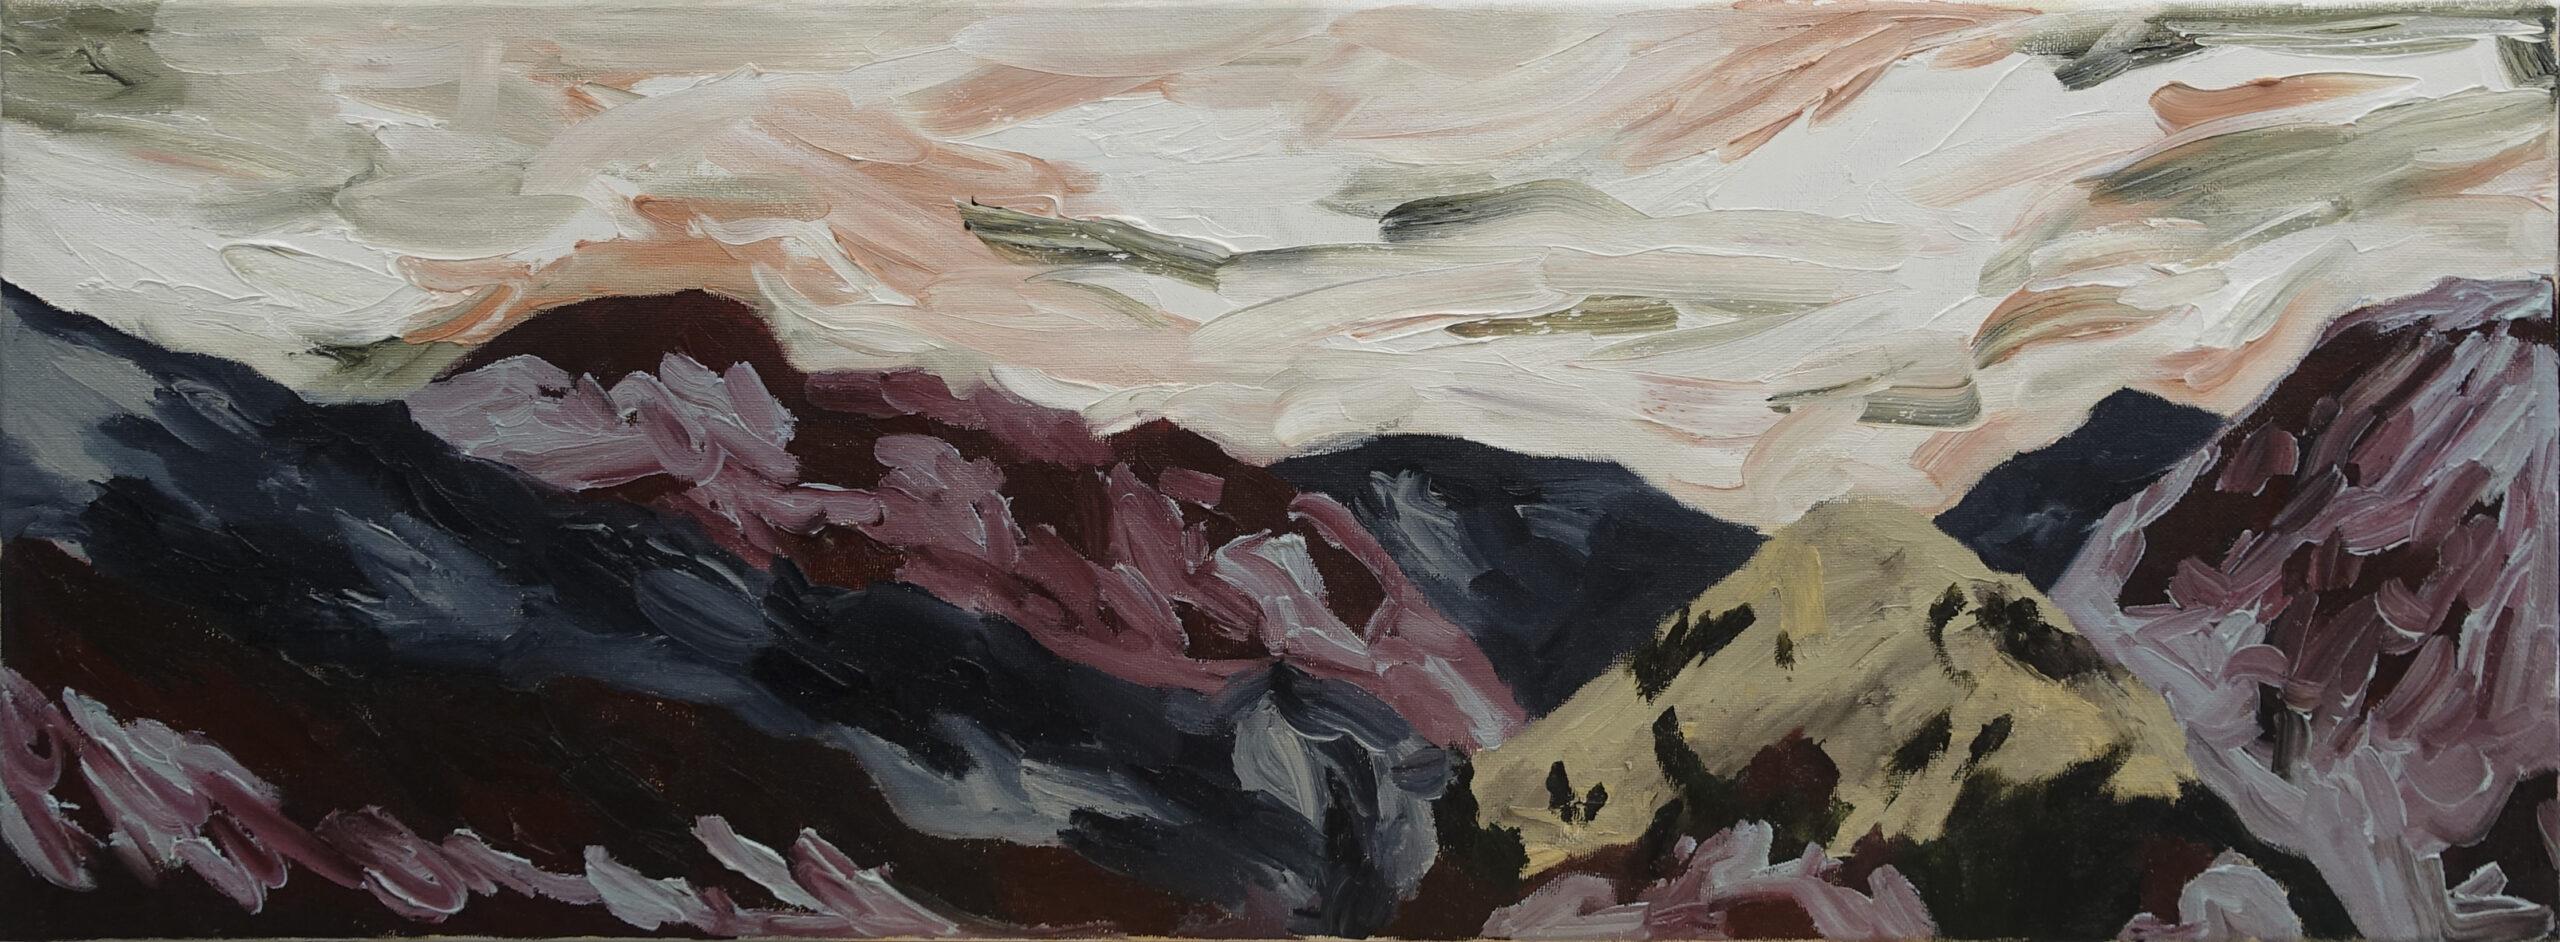 After, 2020, Oil on canvas, 30cm x 80cm, £350, Carina Santos